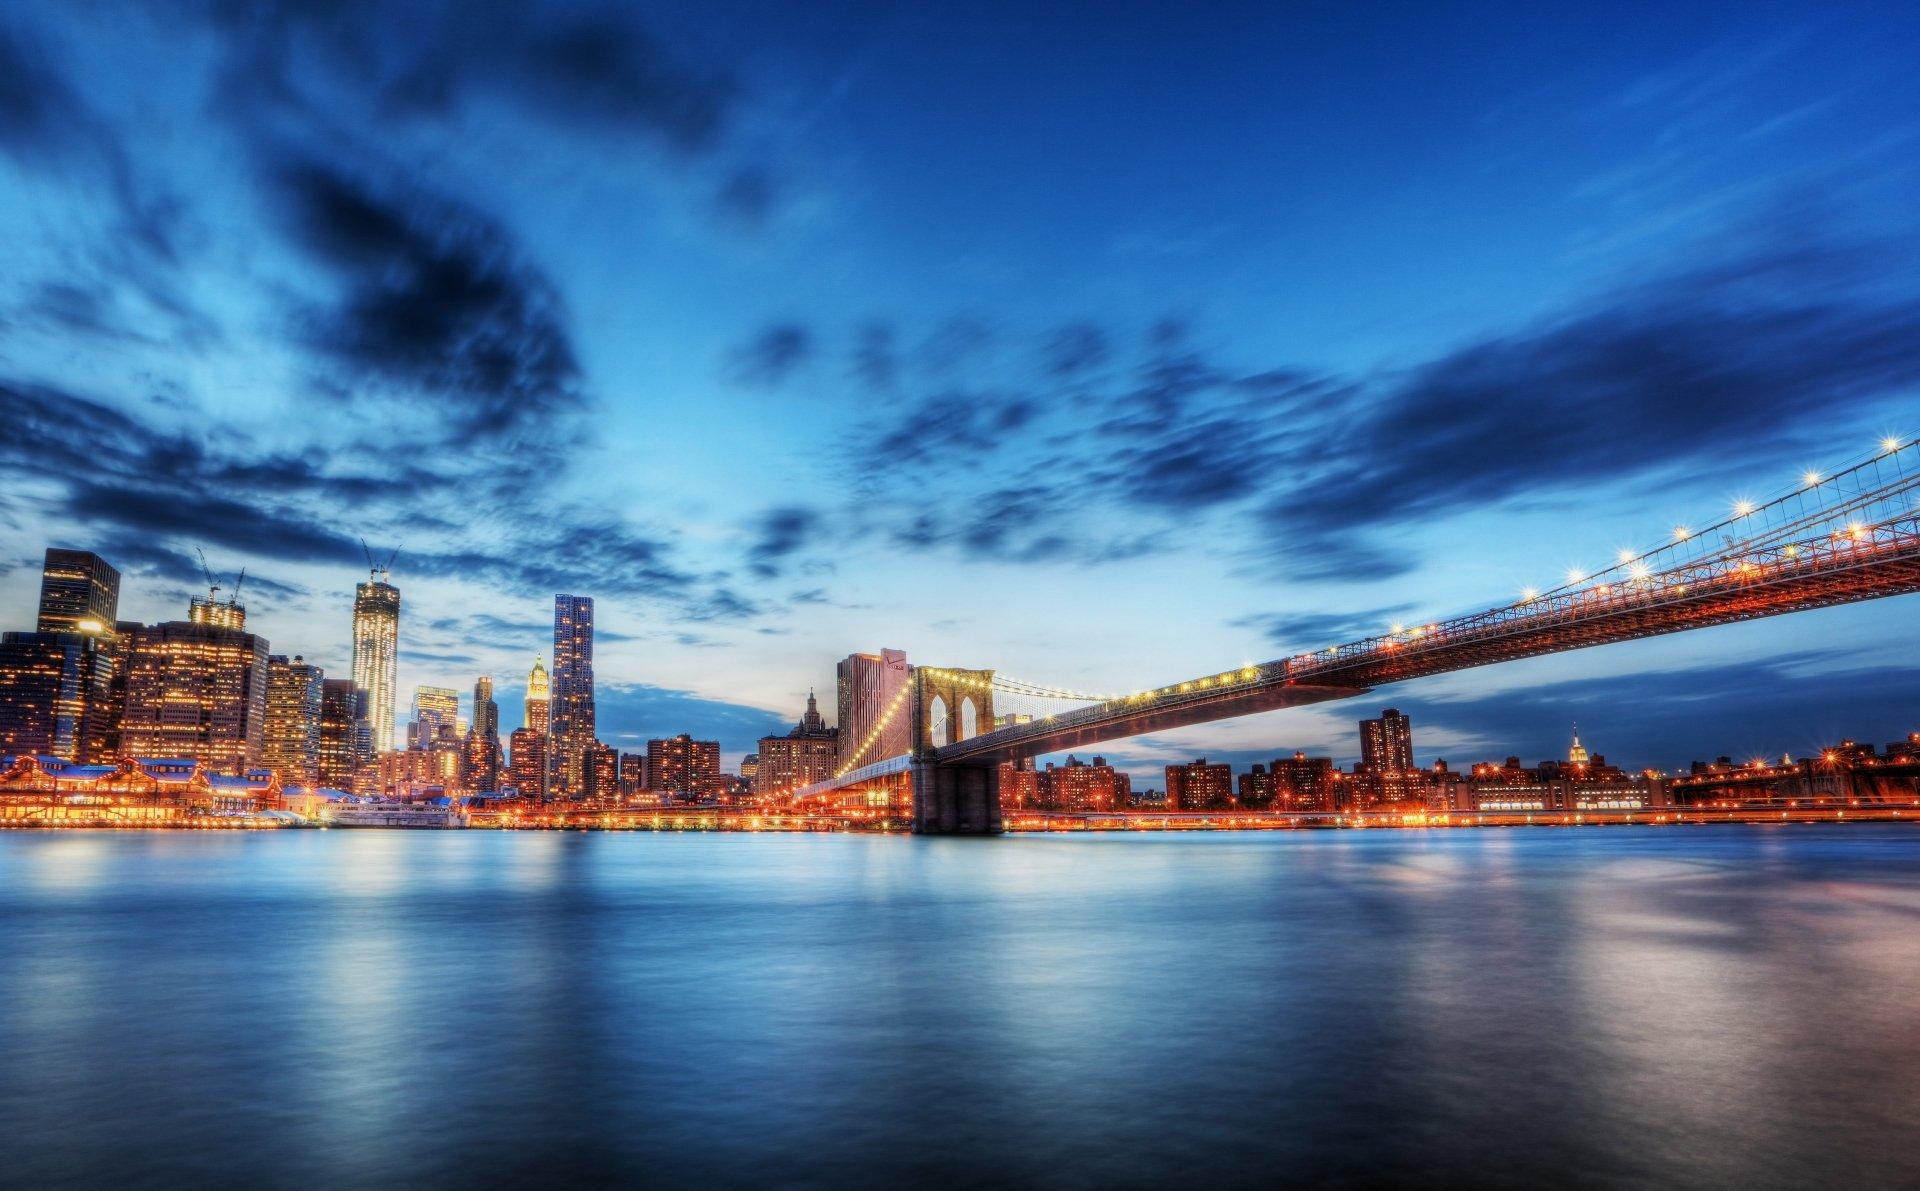 New york 4k ultra hd wallpaper sfondi 4500x2791 id for Sfondi new york hd